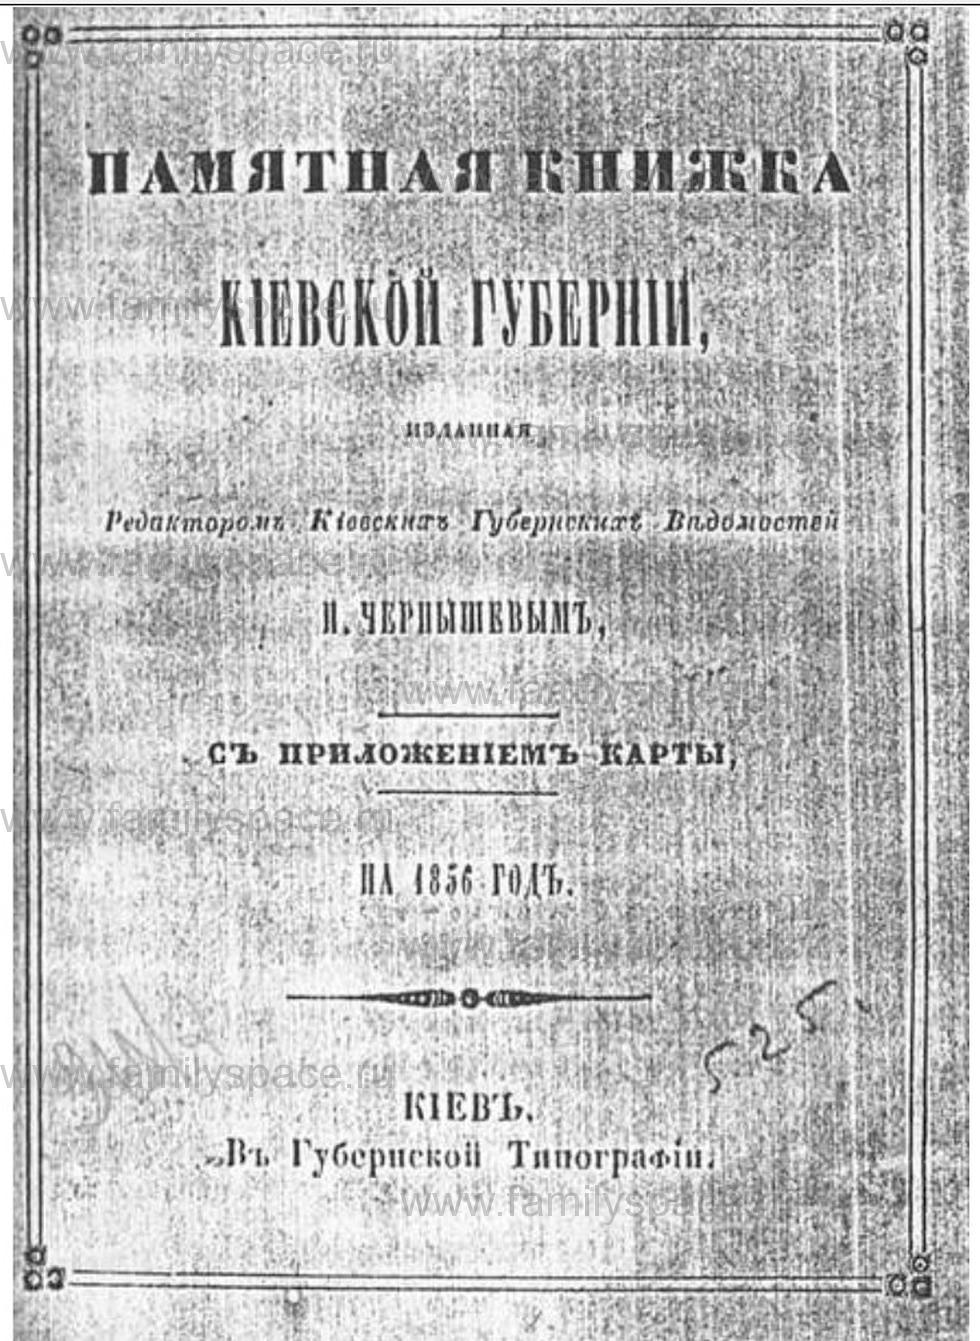 Поиск по фамилии - Памятная книжка Киевской губернии на 1856 год, страница 3